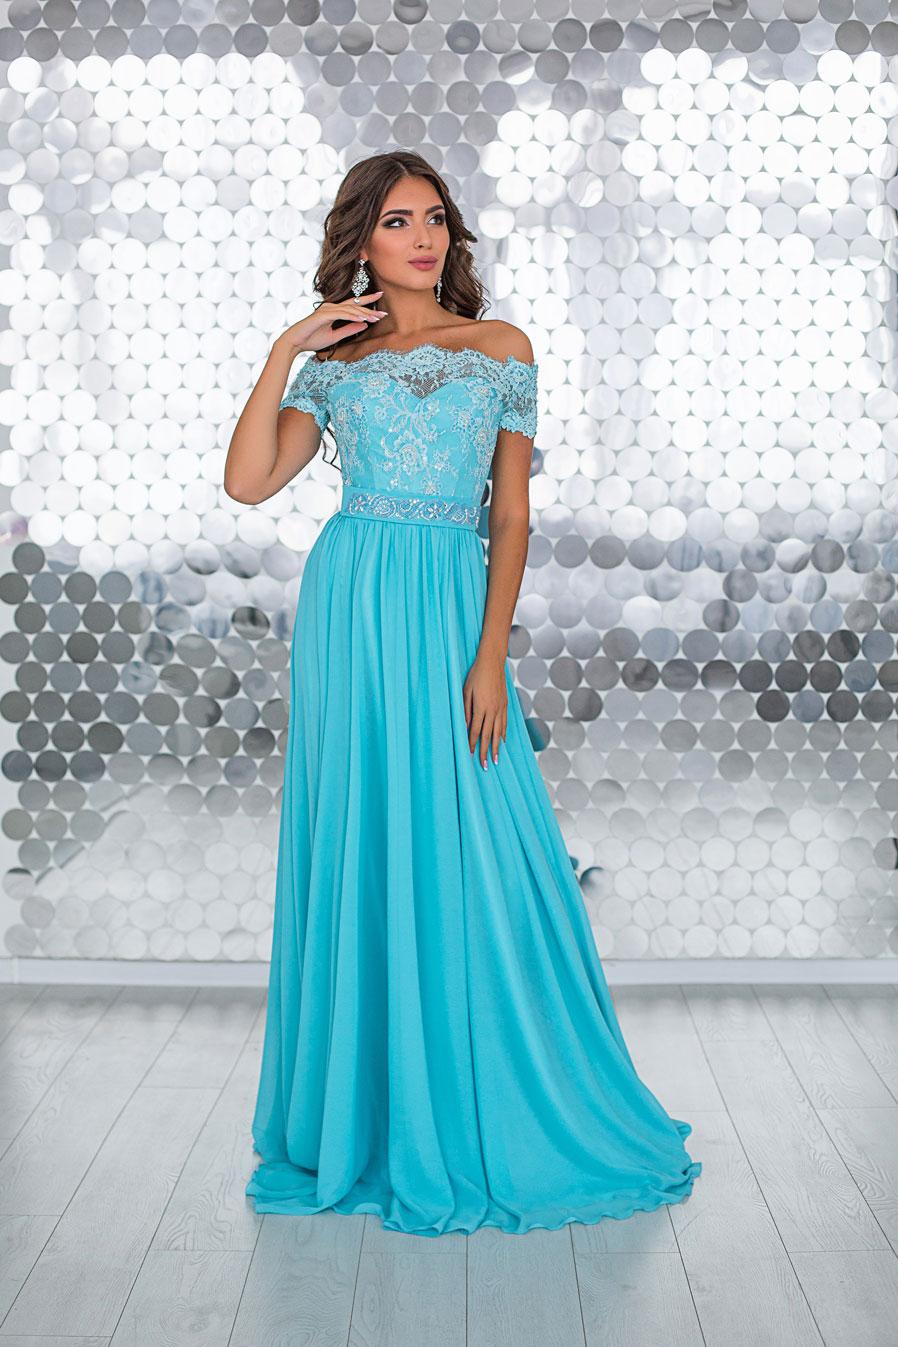 cf6750e4e311 платье прямого силуэта из атласа с вышивкой в небесно голубом цвете